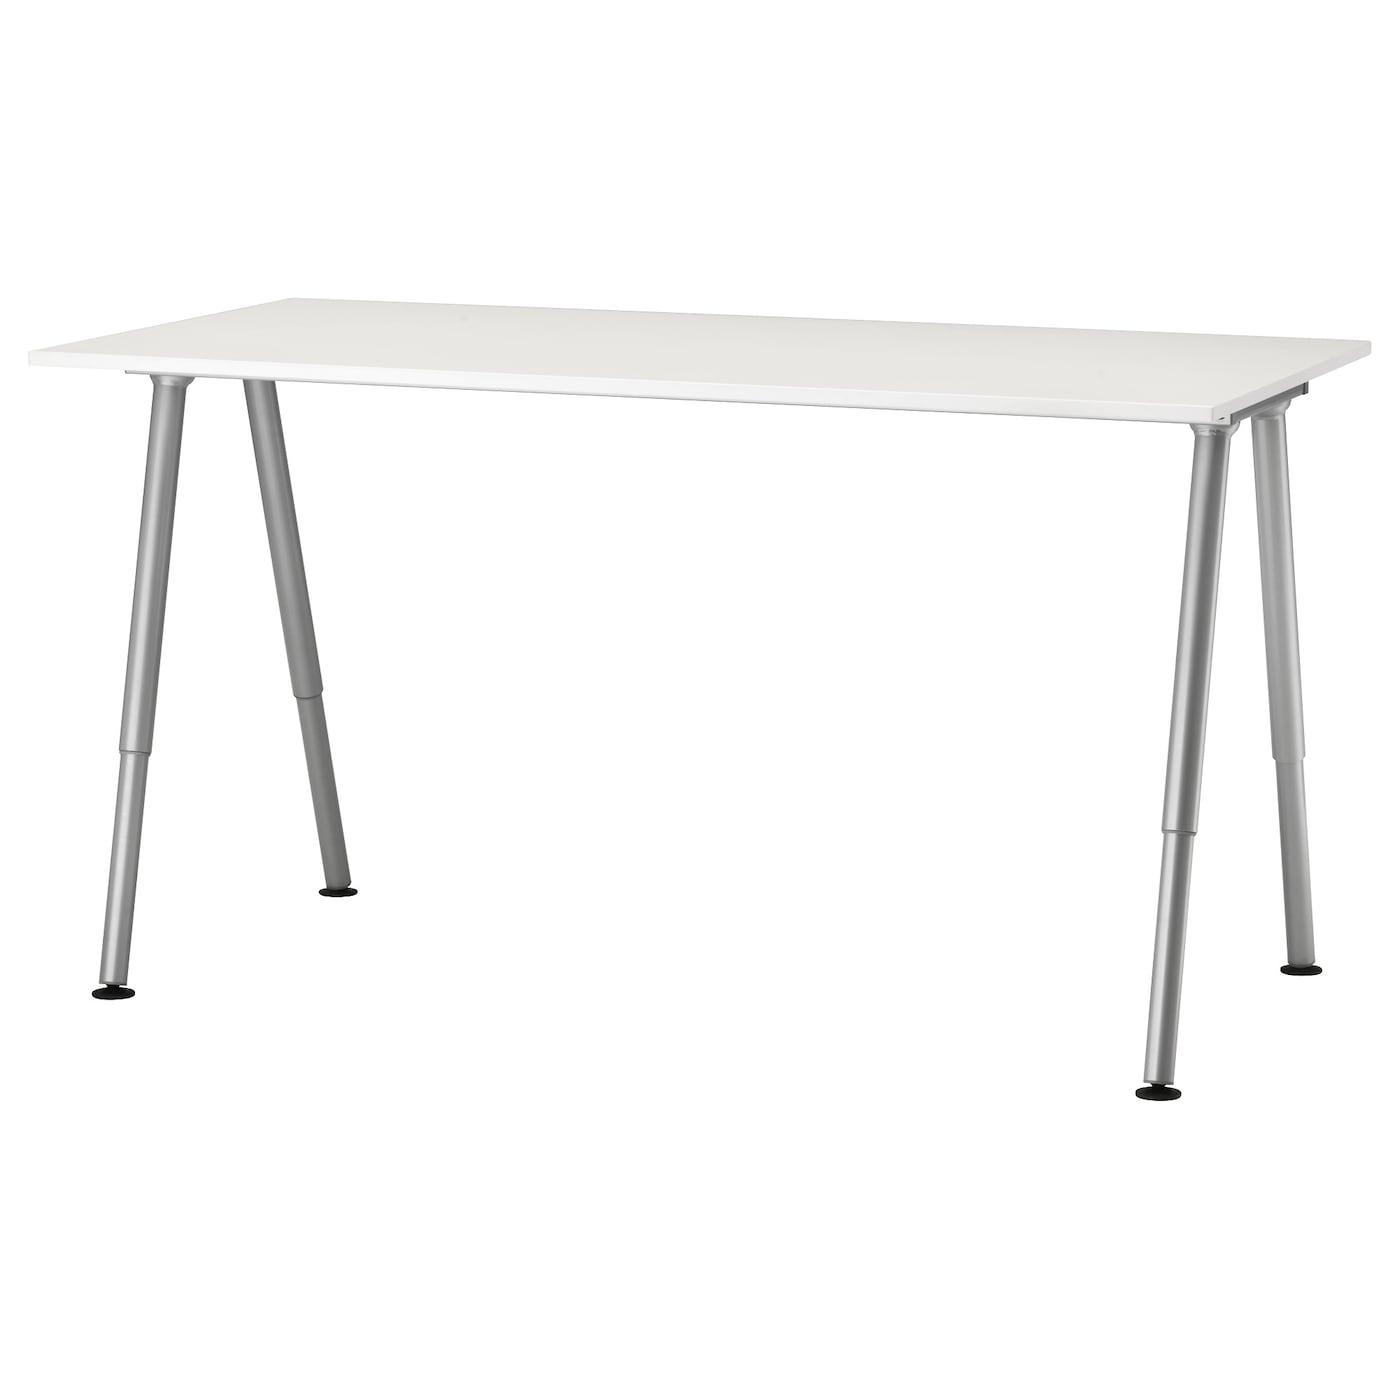 Mesaescritorio ordenador Ikea, gris plata. , Accesorios